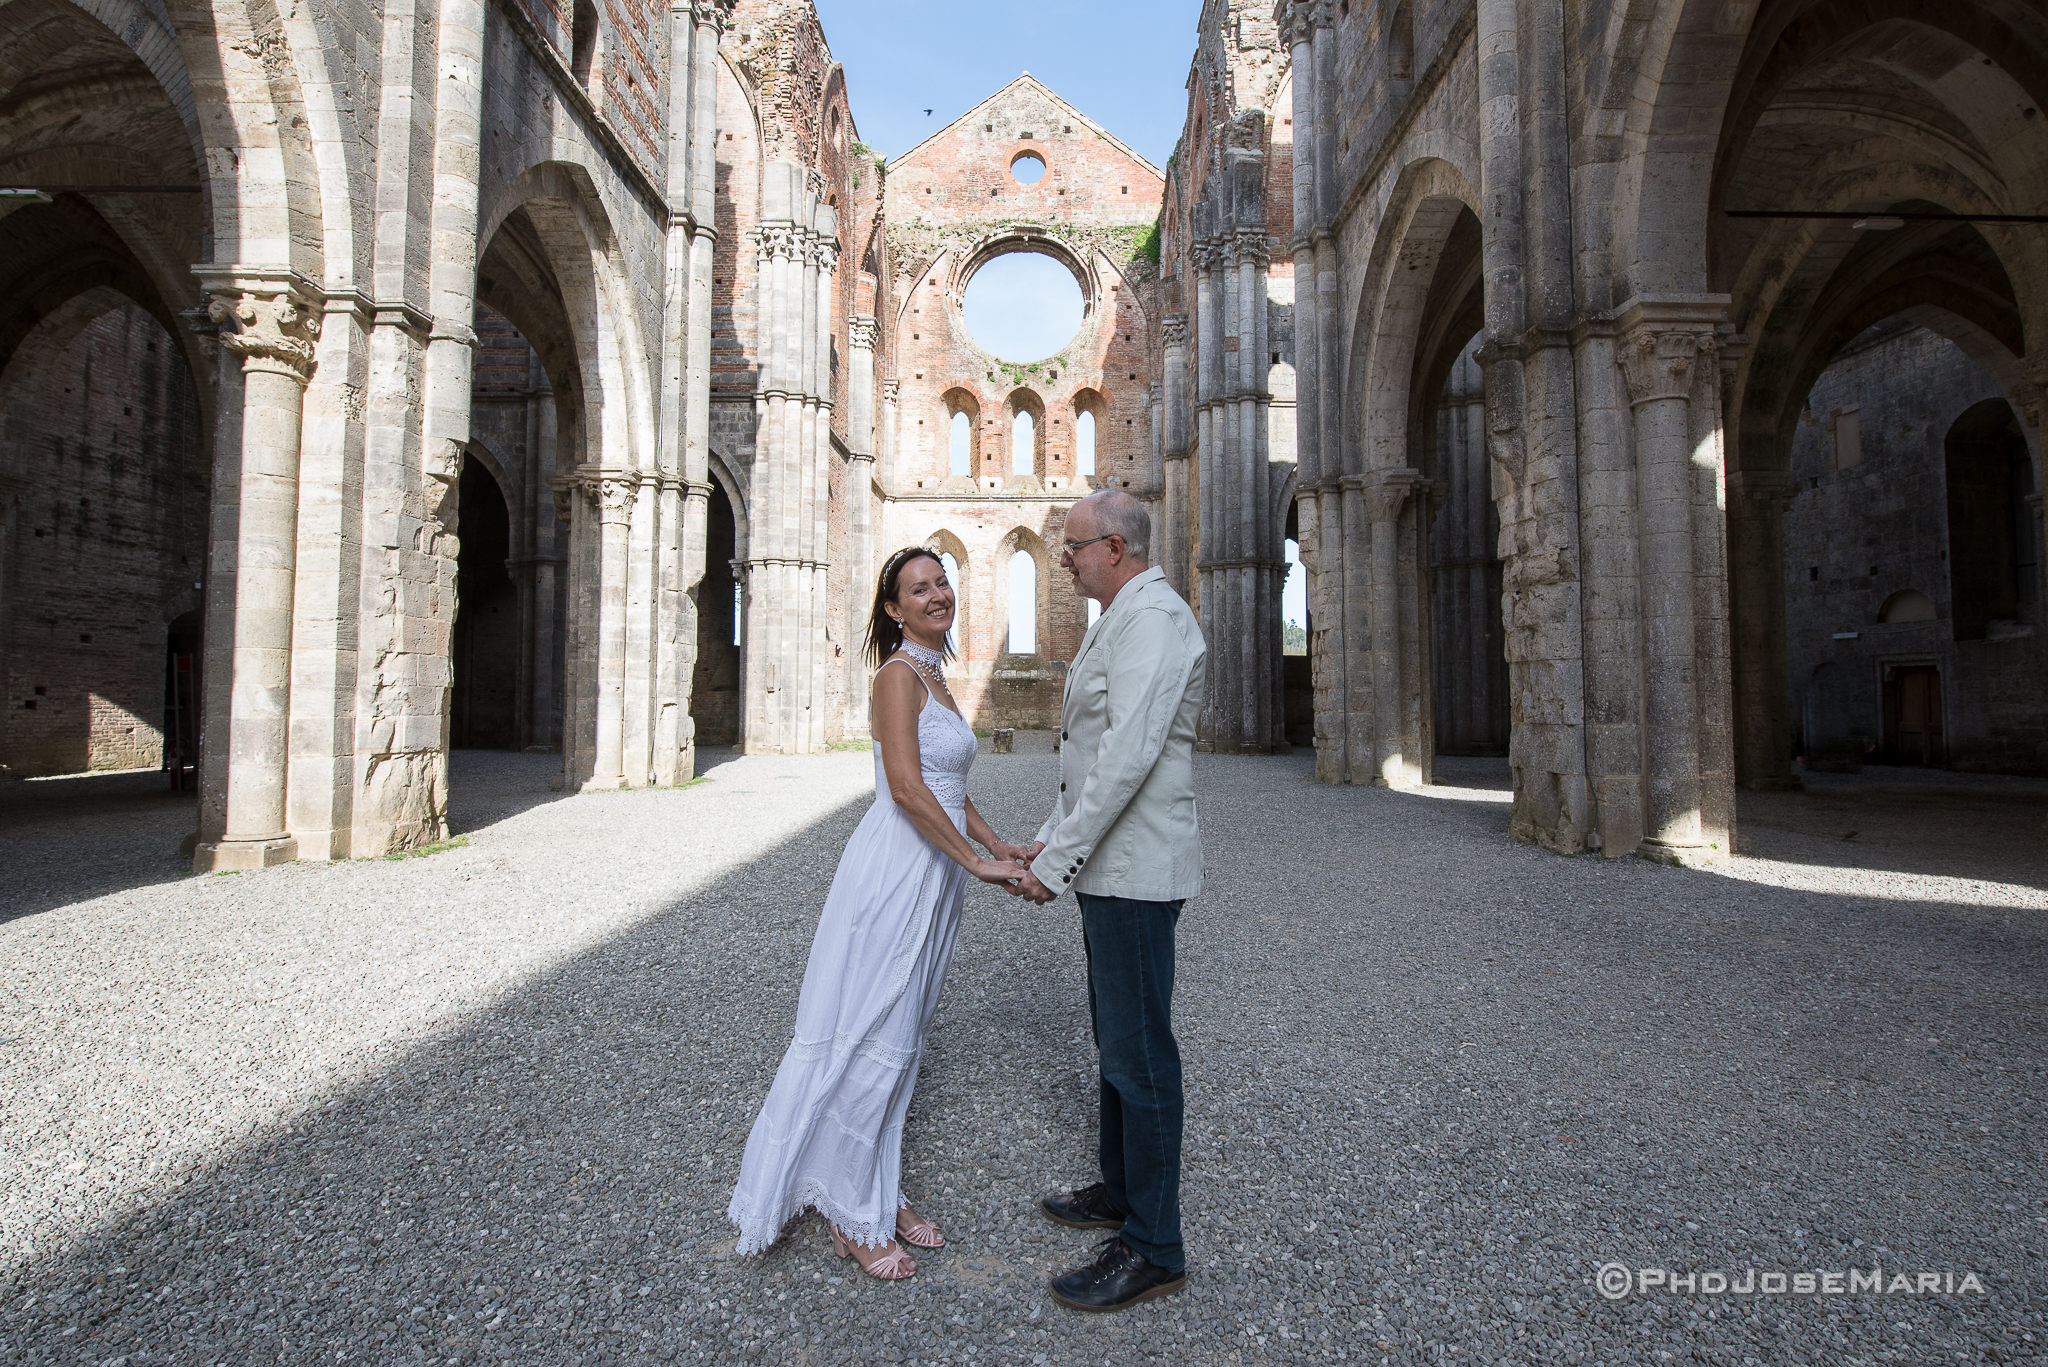 Celebração na Abadia de San Galgano, na Toscana